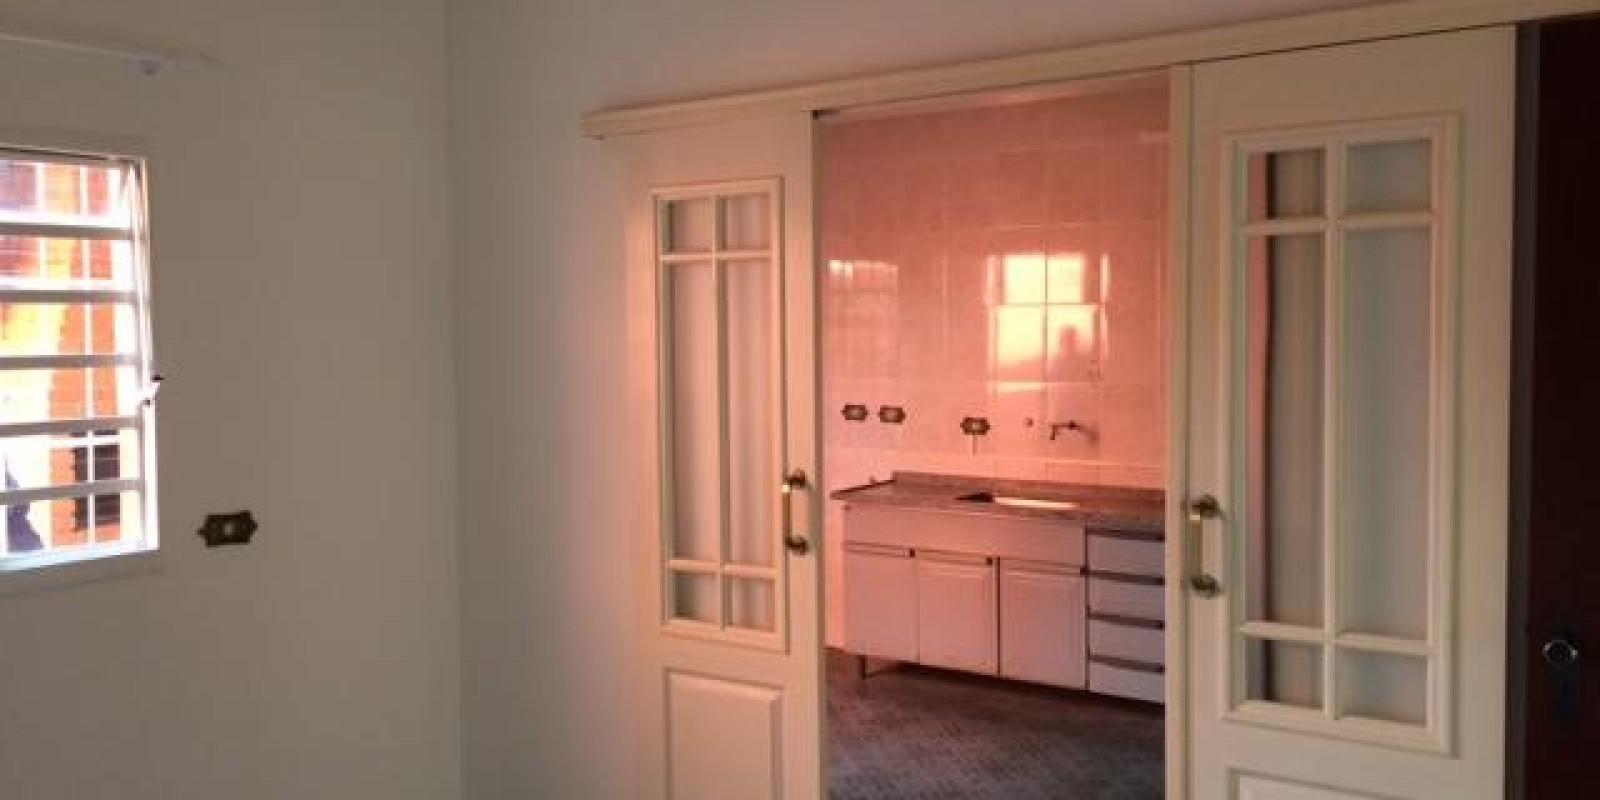 Casa no Condomínio Fechado em Avaré SP - Foto 6 de 17